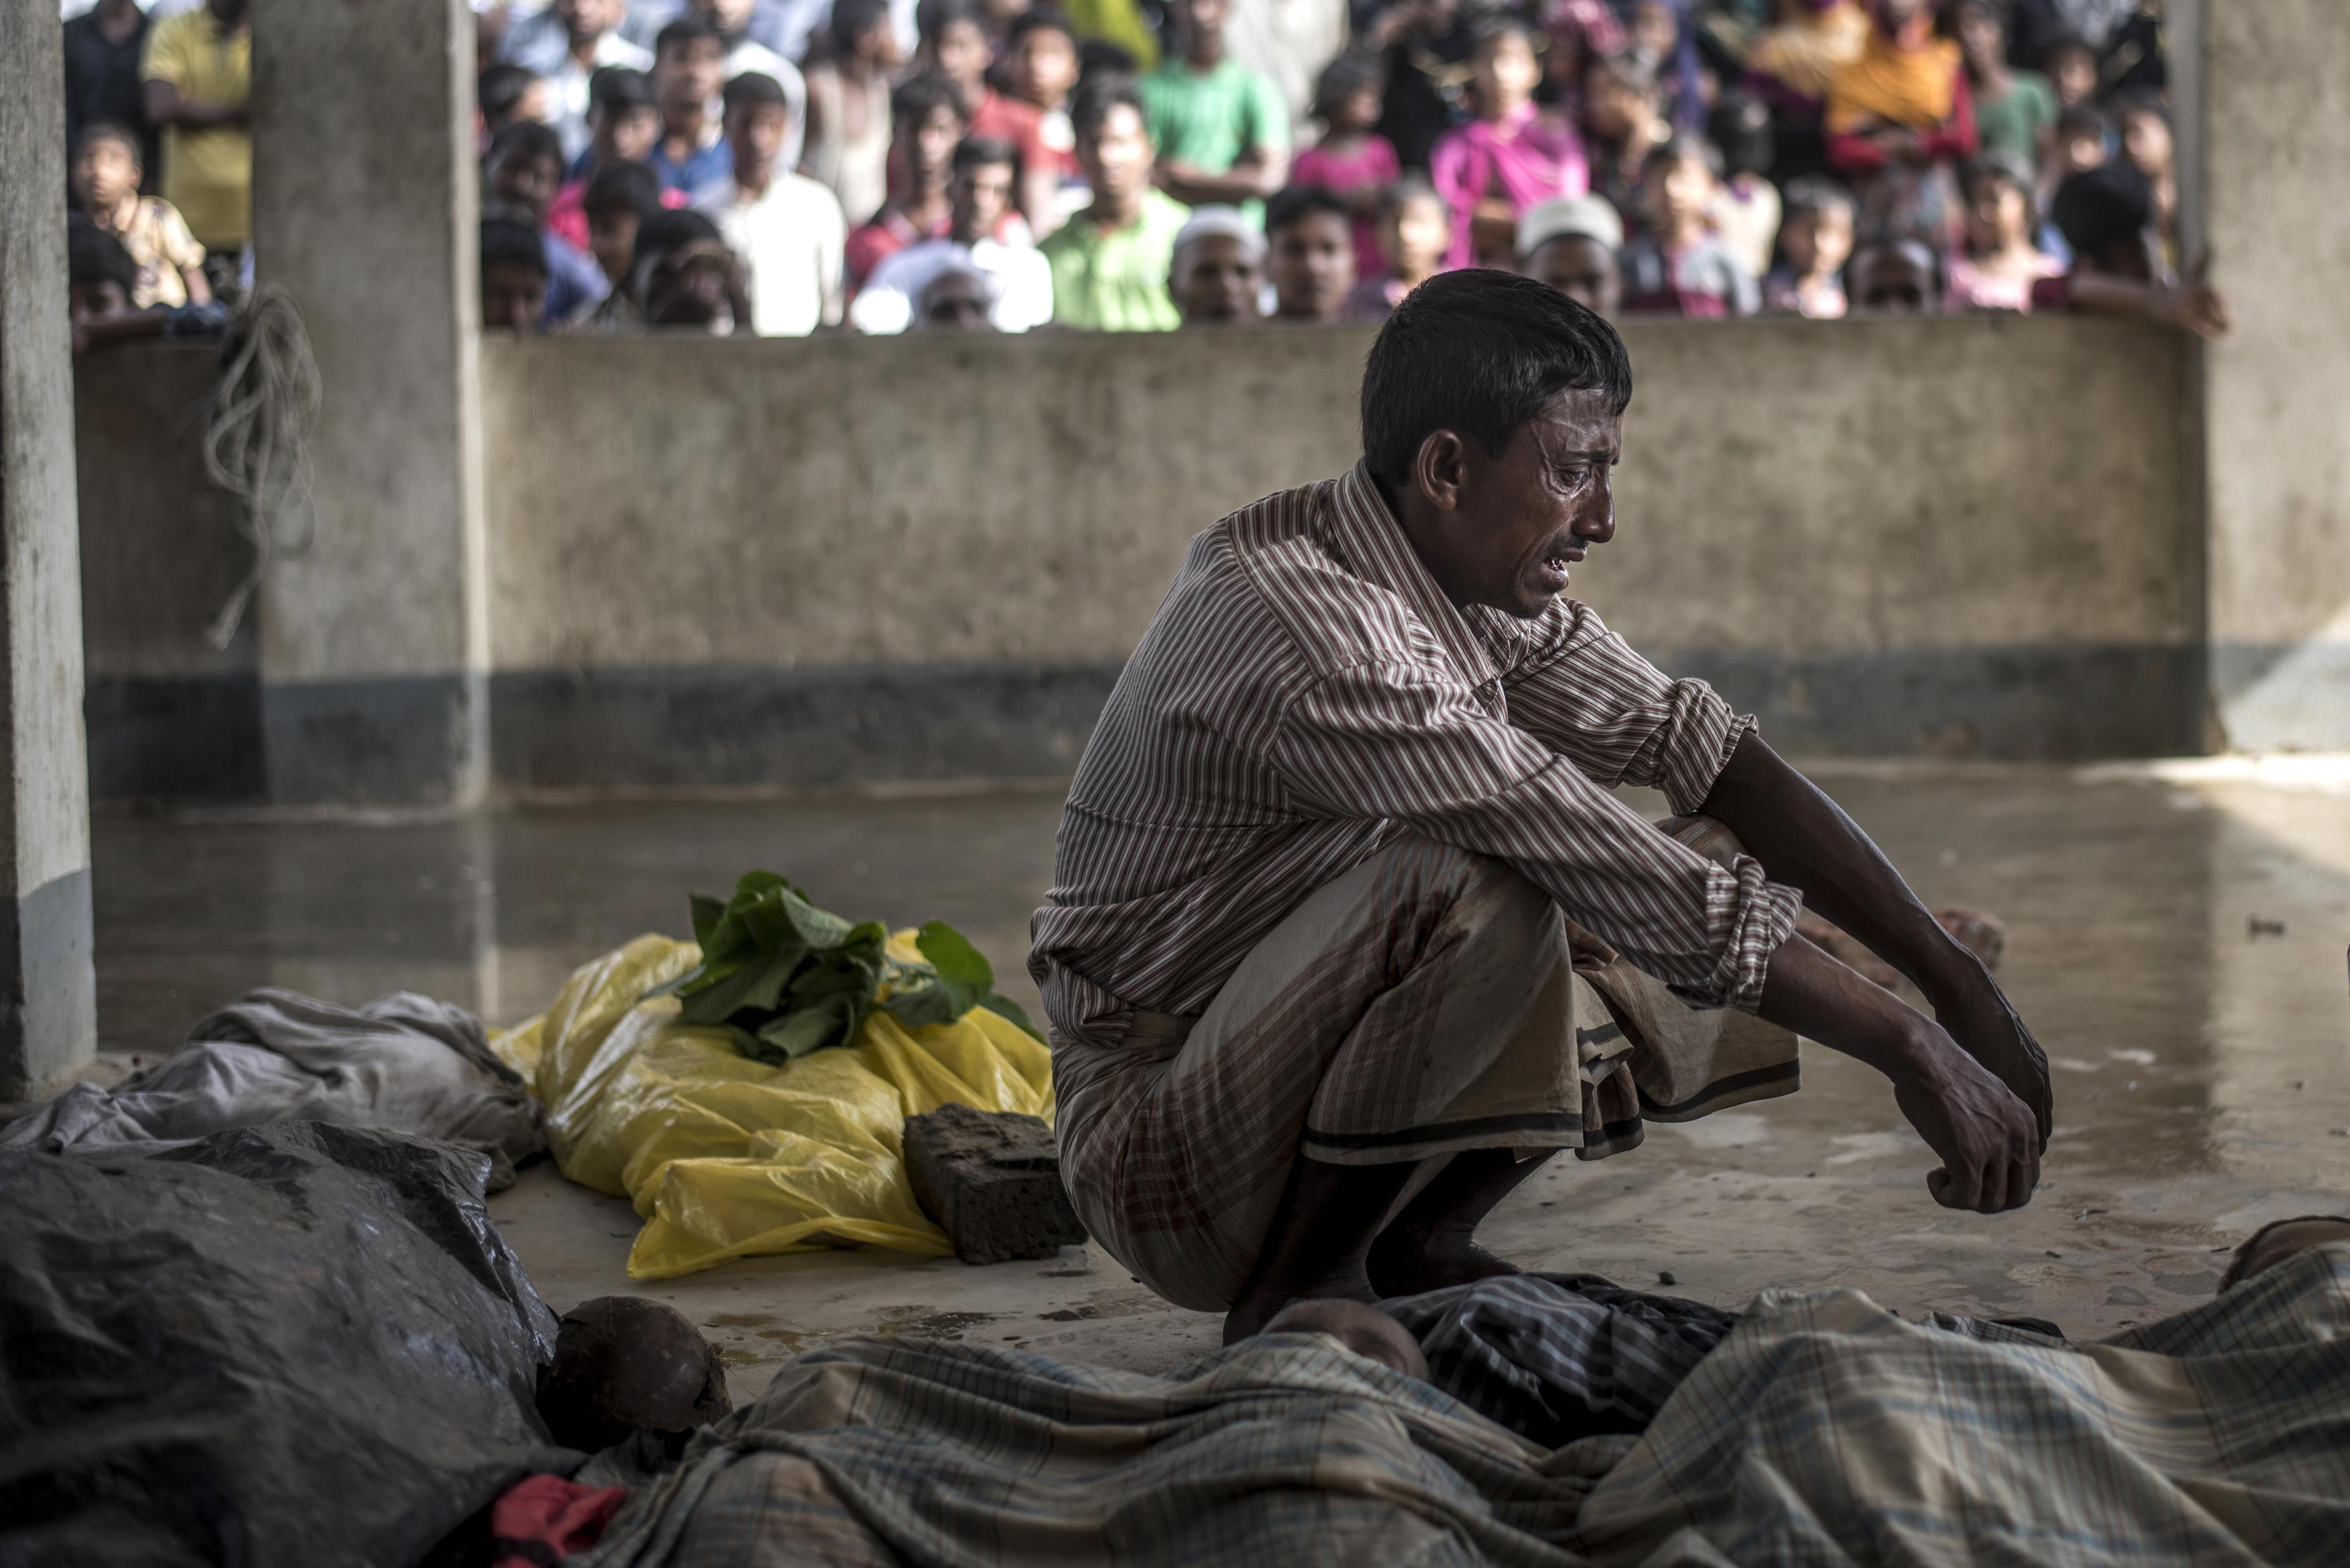 A világ egyik legnagyobb menekülttáborát építik Bangaldesben a rohingyáknak